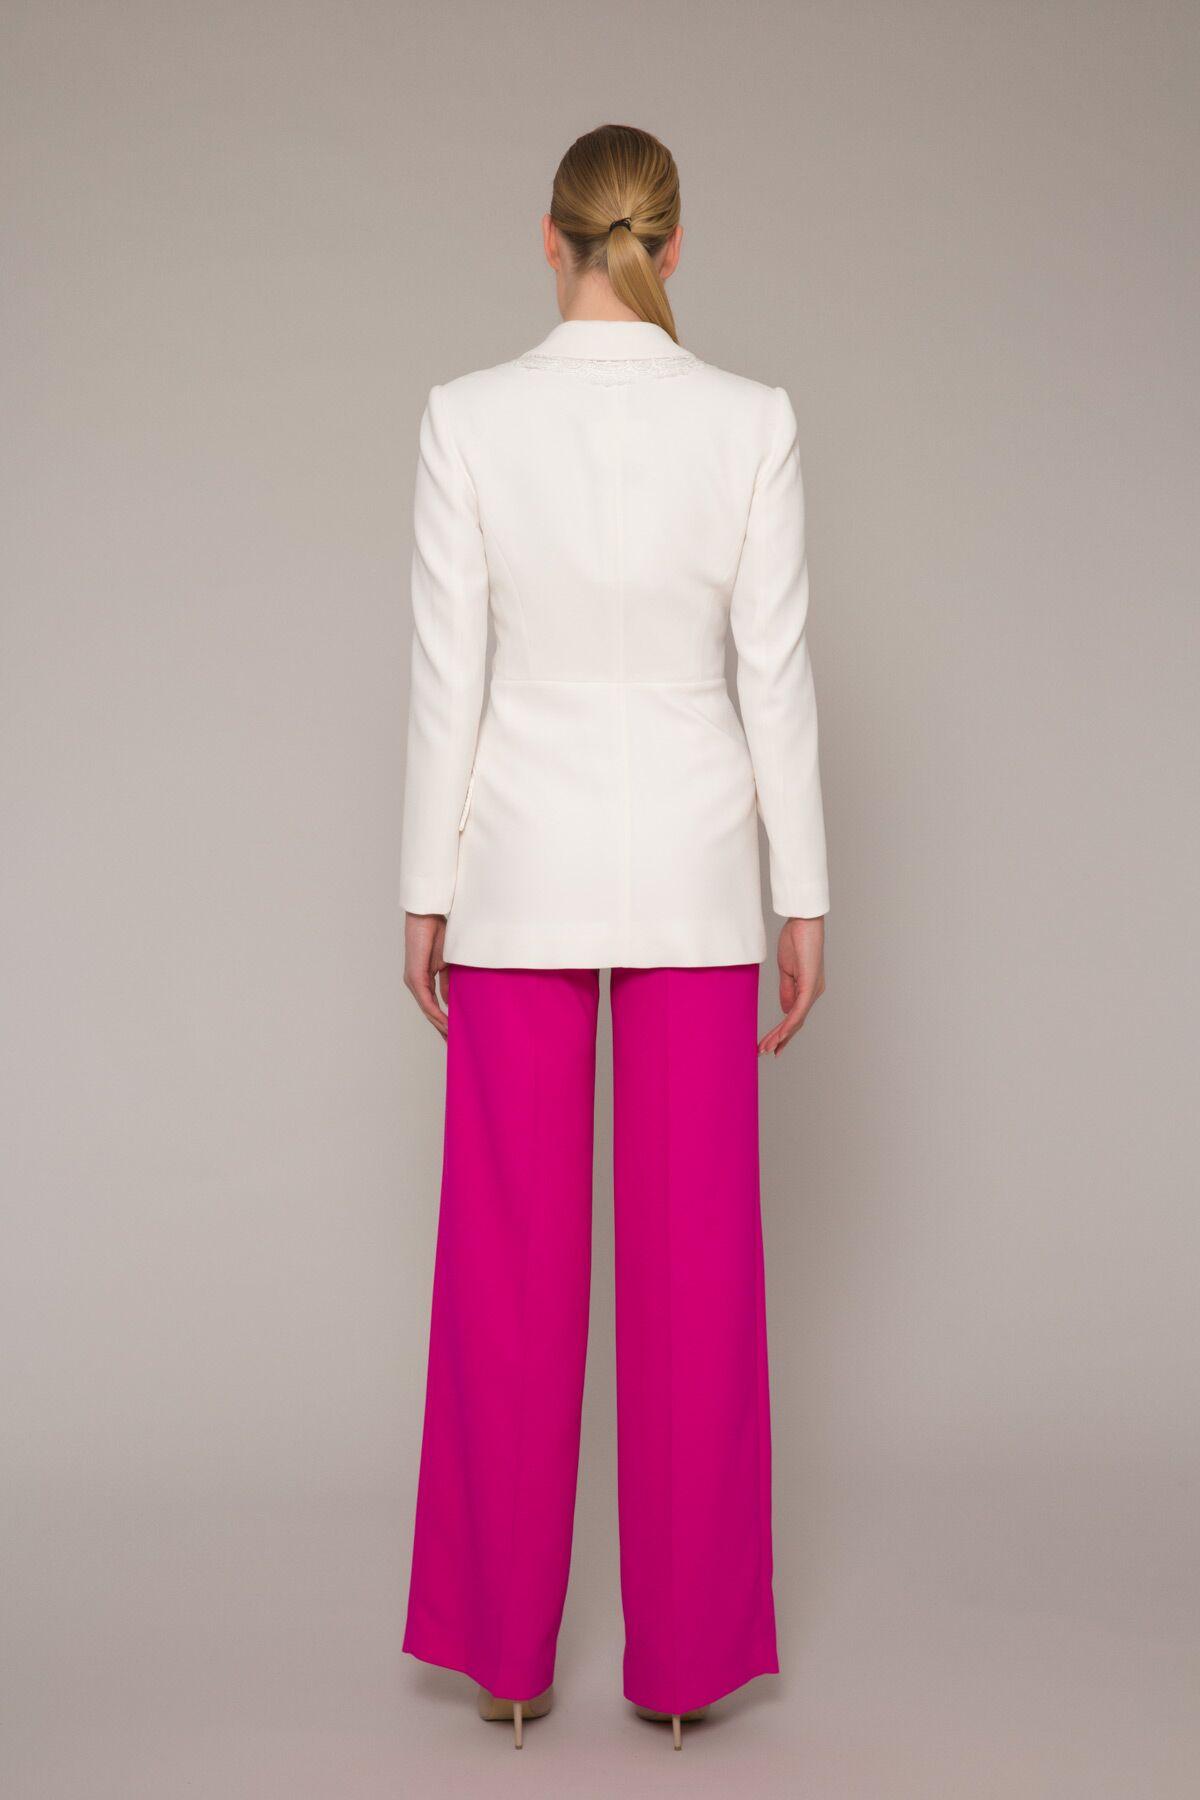 Payet Dantel Detaylı Şık Blazer Ceket